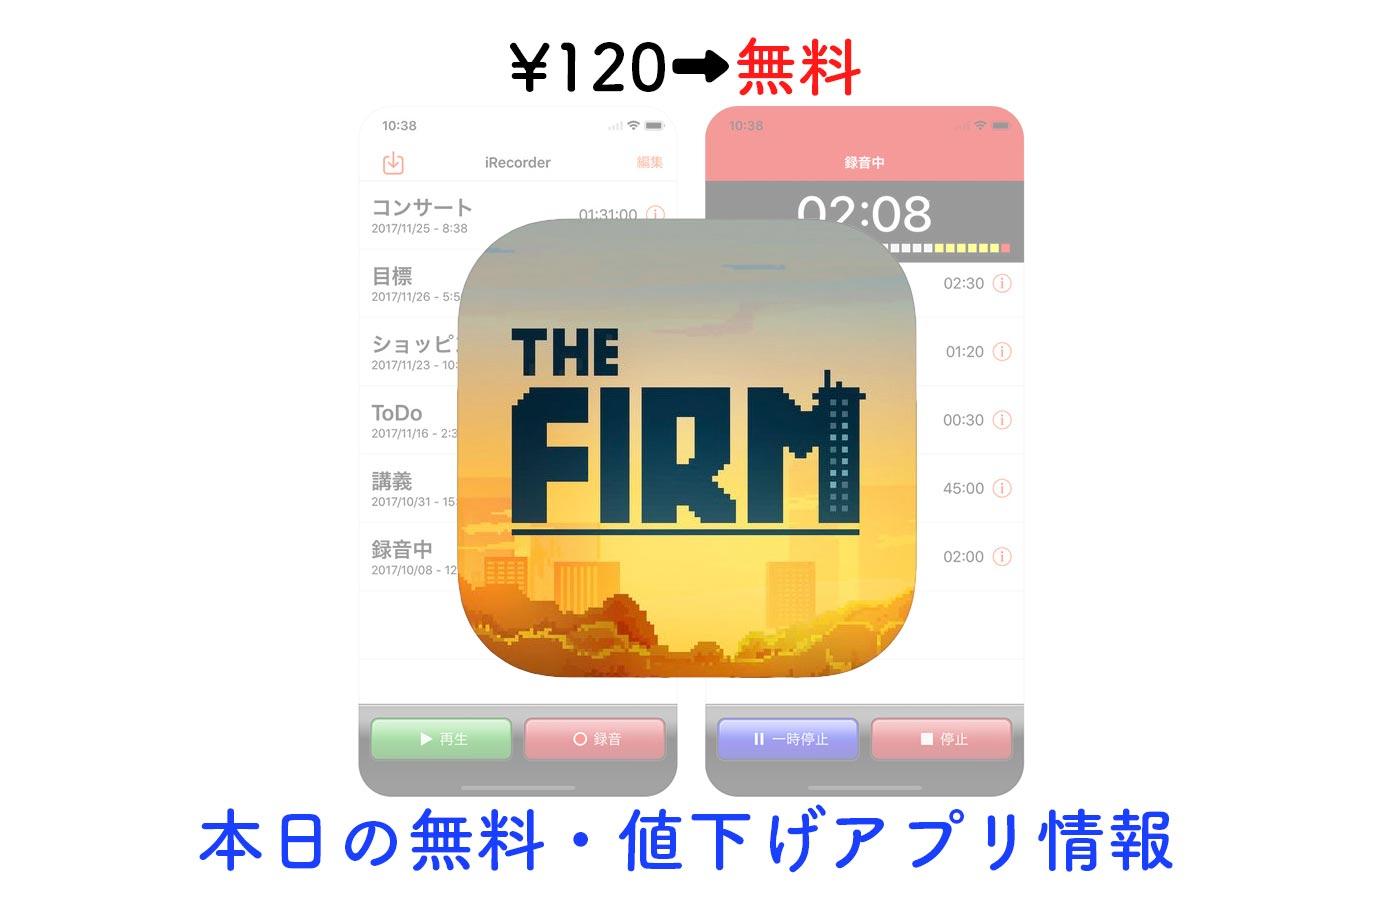 ¥120→無料、株取引ゲーム「The Firm」など【3/28】セールアプリ情報